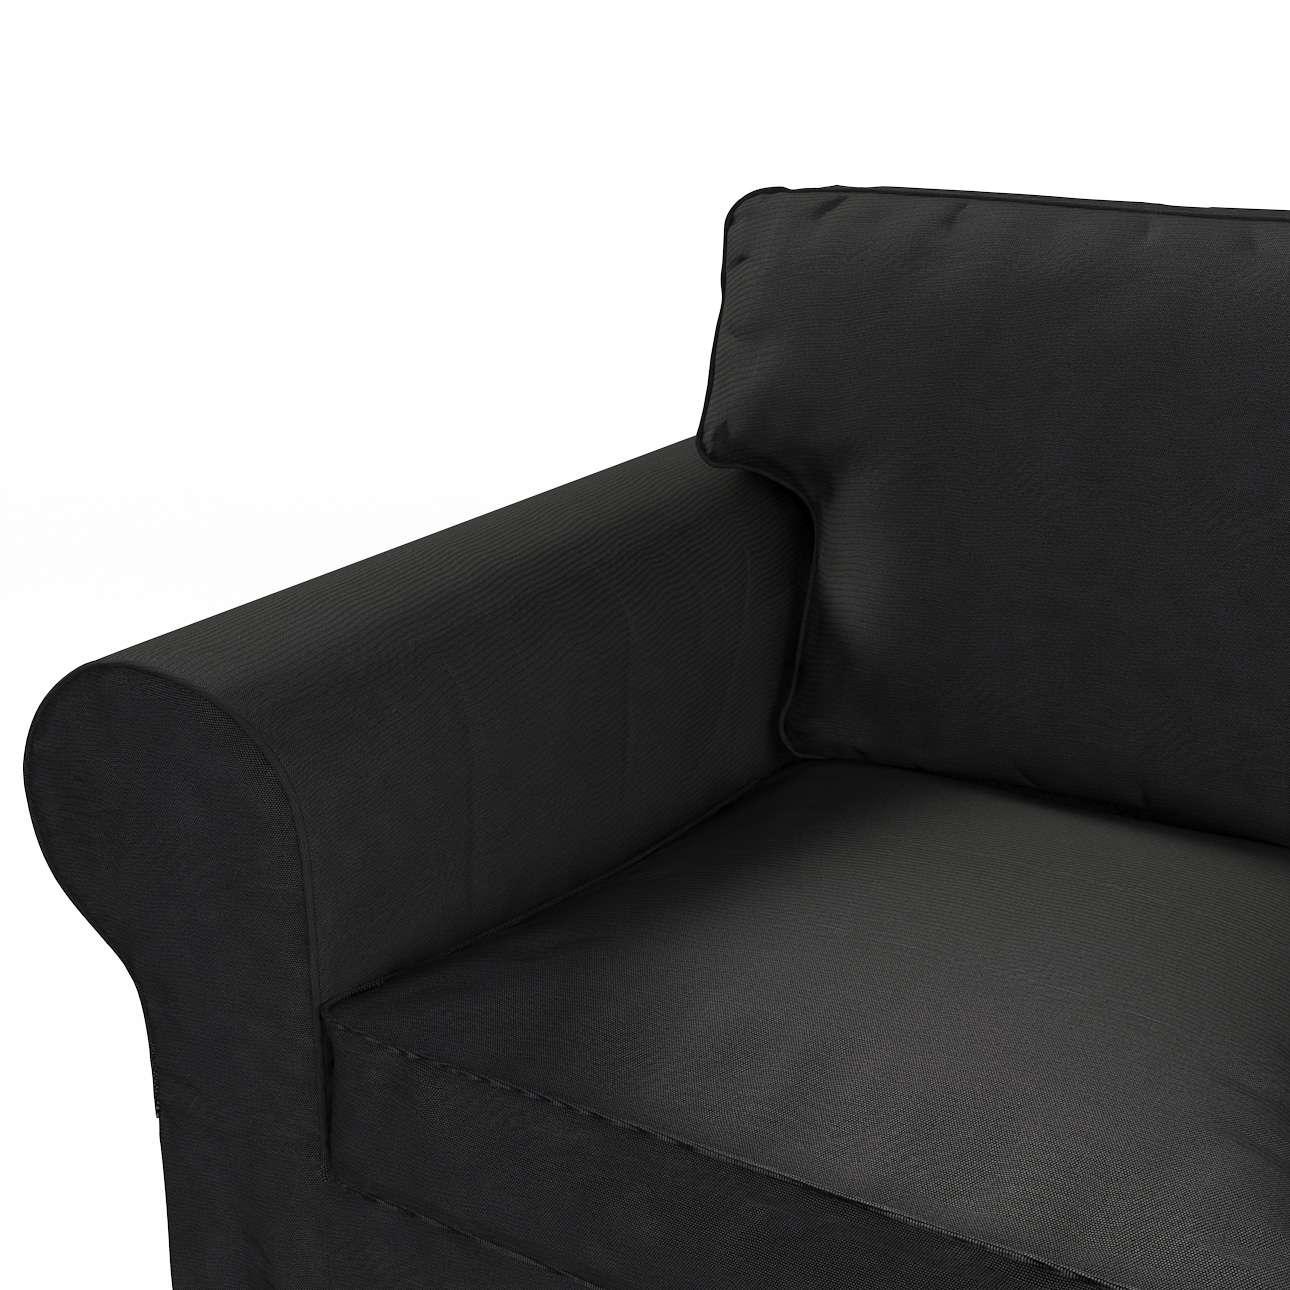 Potah na pohovku IKEA  Ektorp 3-místná, rozkládací STARÝ MODEL pohovka Ektorp 3-místná rozkládací v kolekci Etna, látka: 705-00